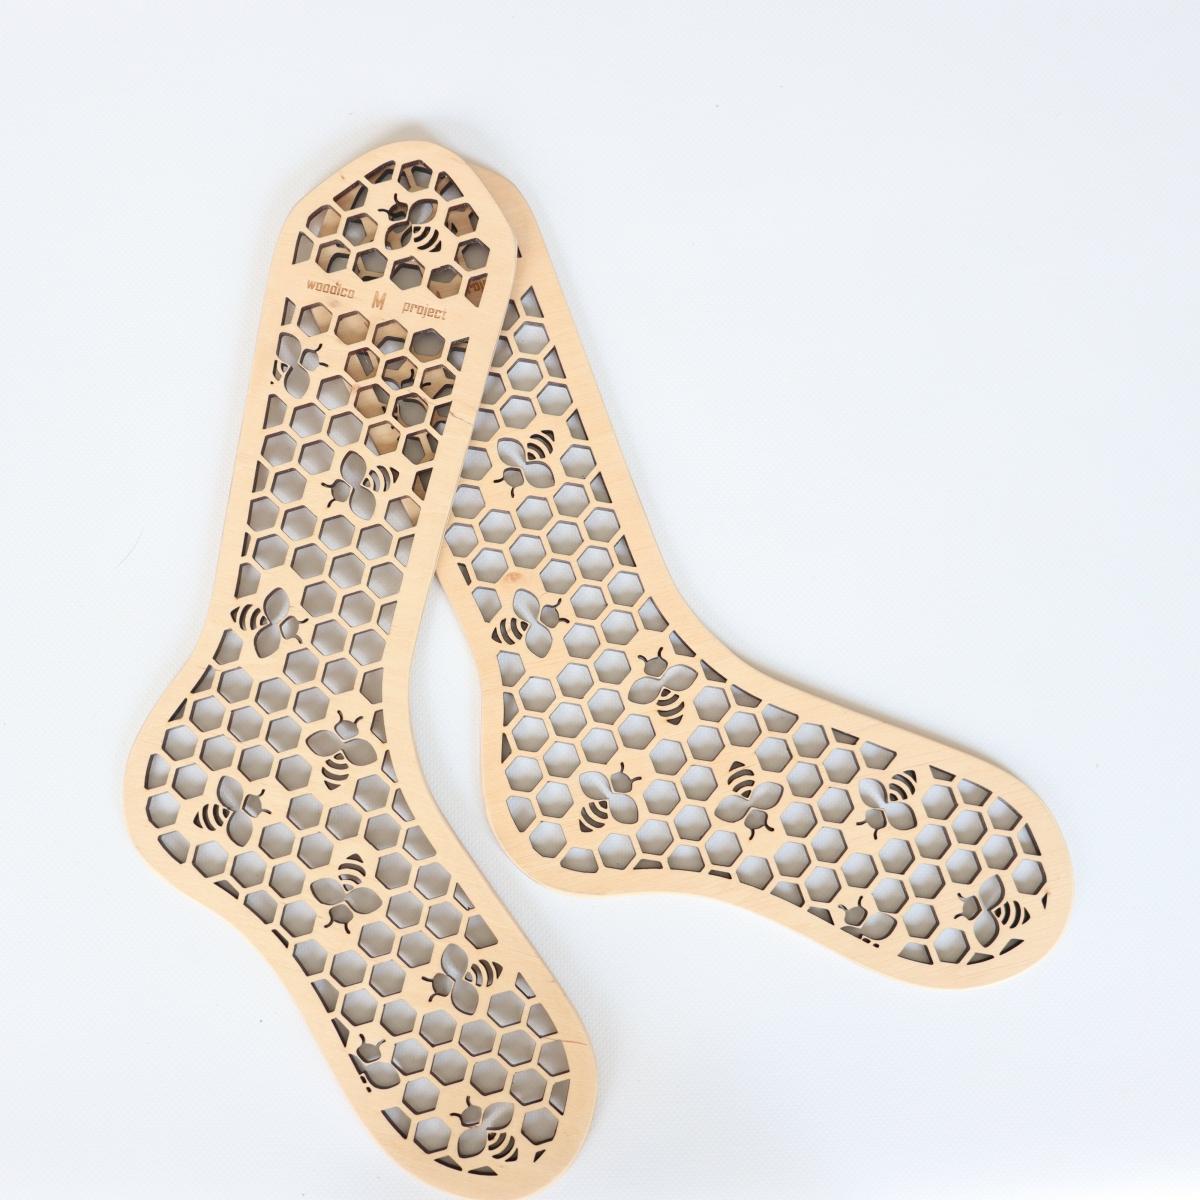 woodico.pro wooden sock blockers hooneycomb 5 1200x1200 - Wooden sock blockers / Honeycomb